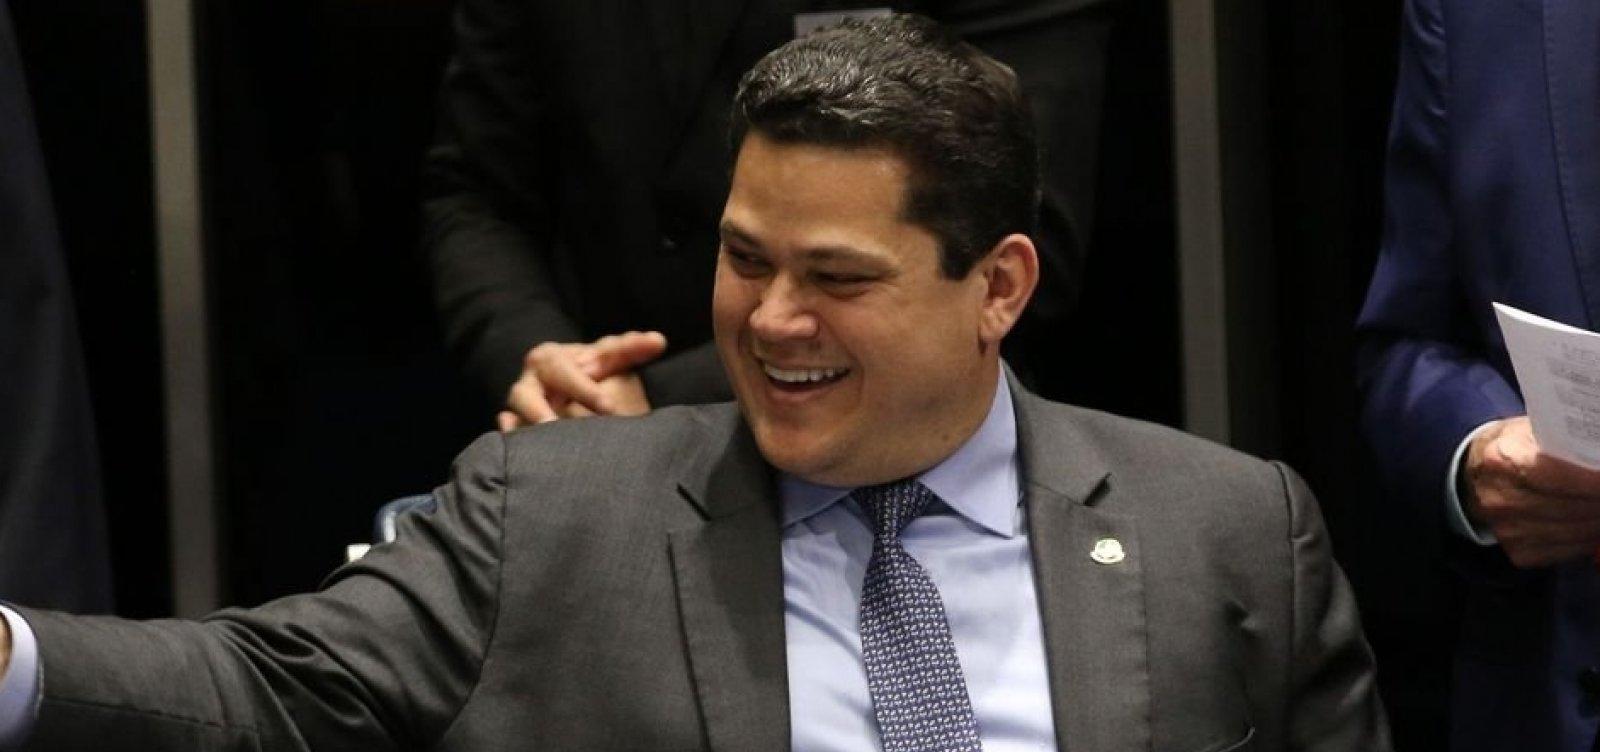 Alcolumbre briga na Justiça para que senadores mantenham sigilo de gastos -  Metro 1